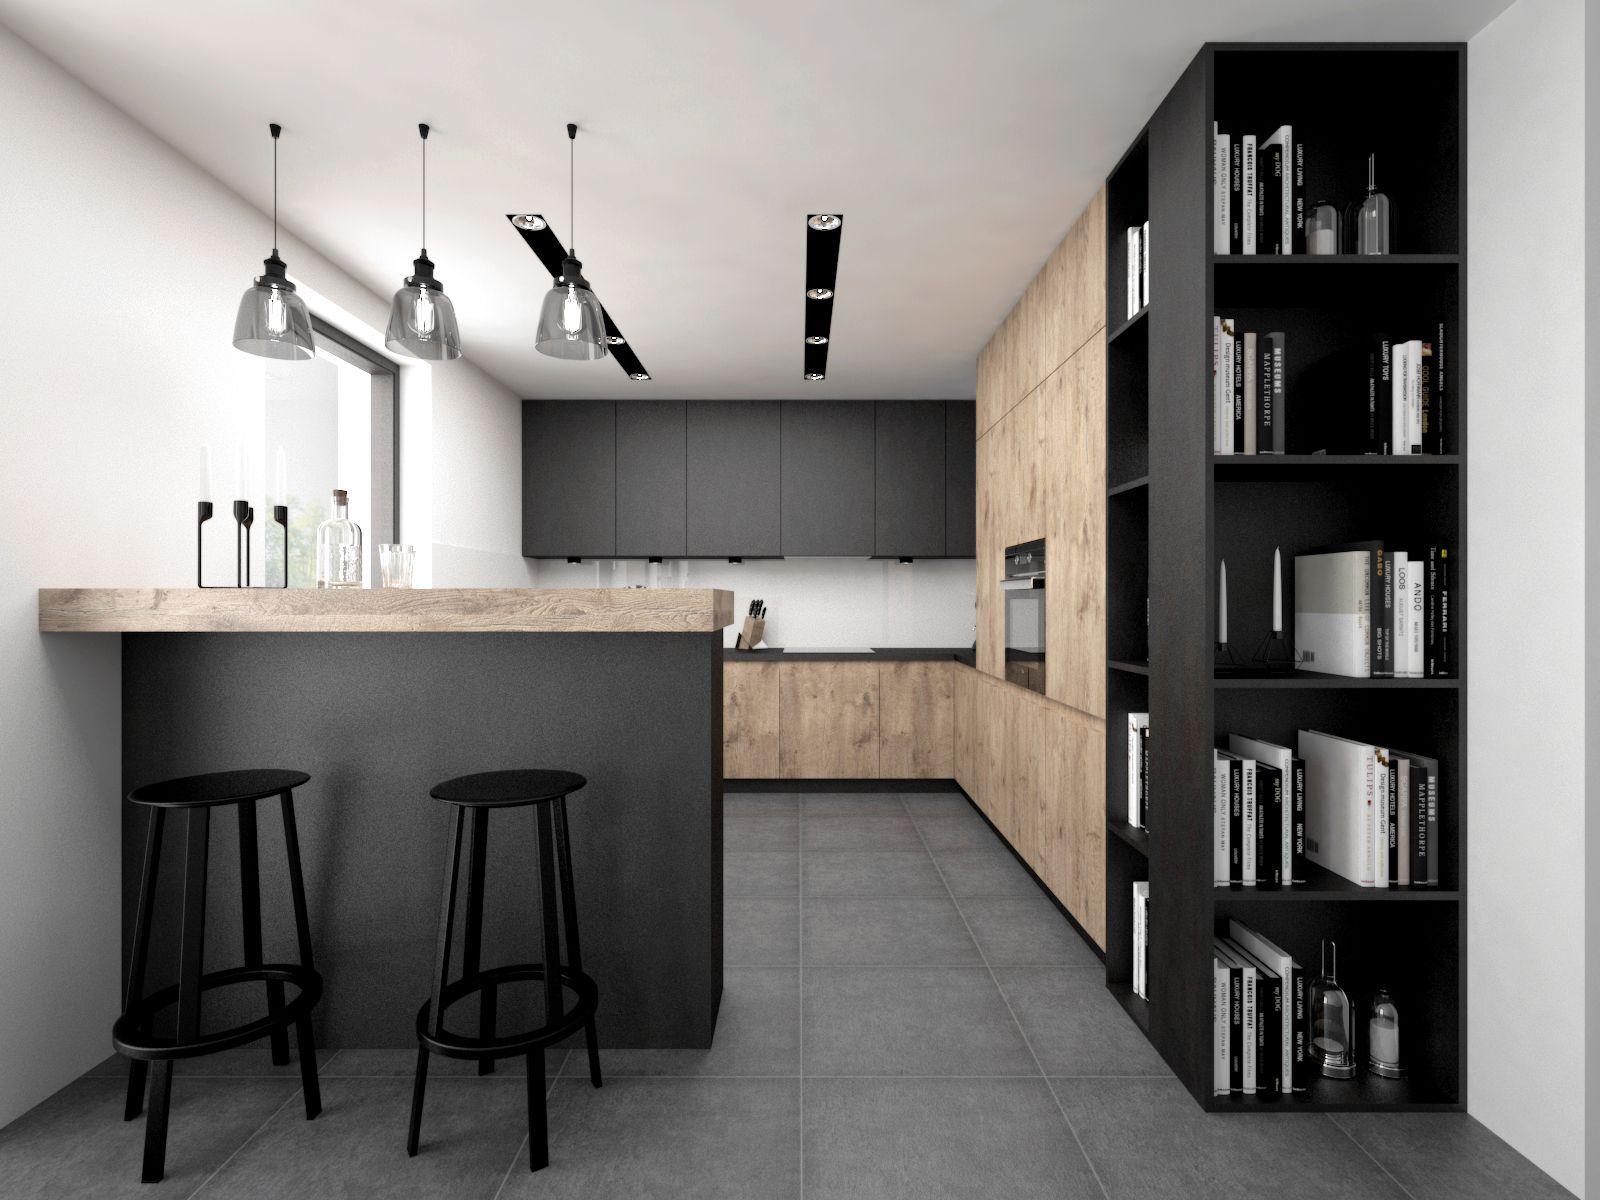 Kolorystyka Kuchni Czyli Szare Plytki I Debowe Fronty Polaczenie Z Czarnymi Kitchen Inspiration Design Modern Kitchen Design Kitchen Room Design